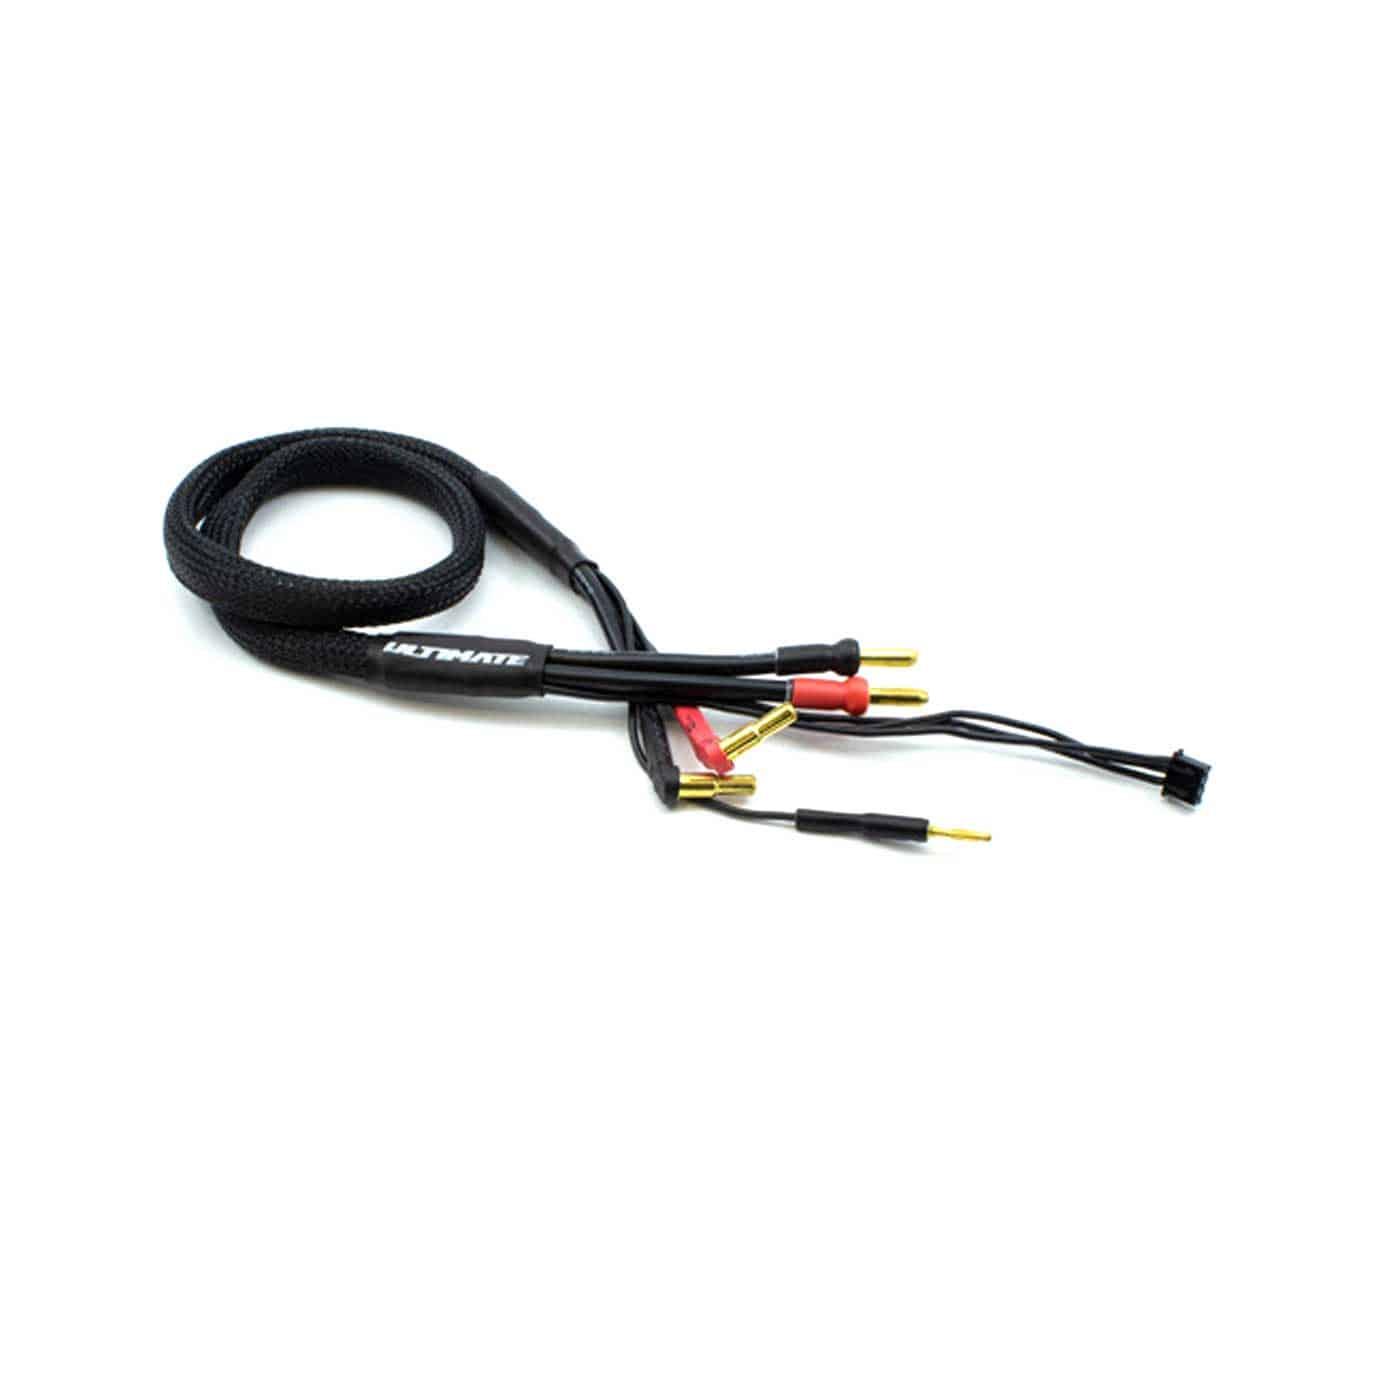 cable de carga baterías 2s bananas 4y5mm